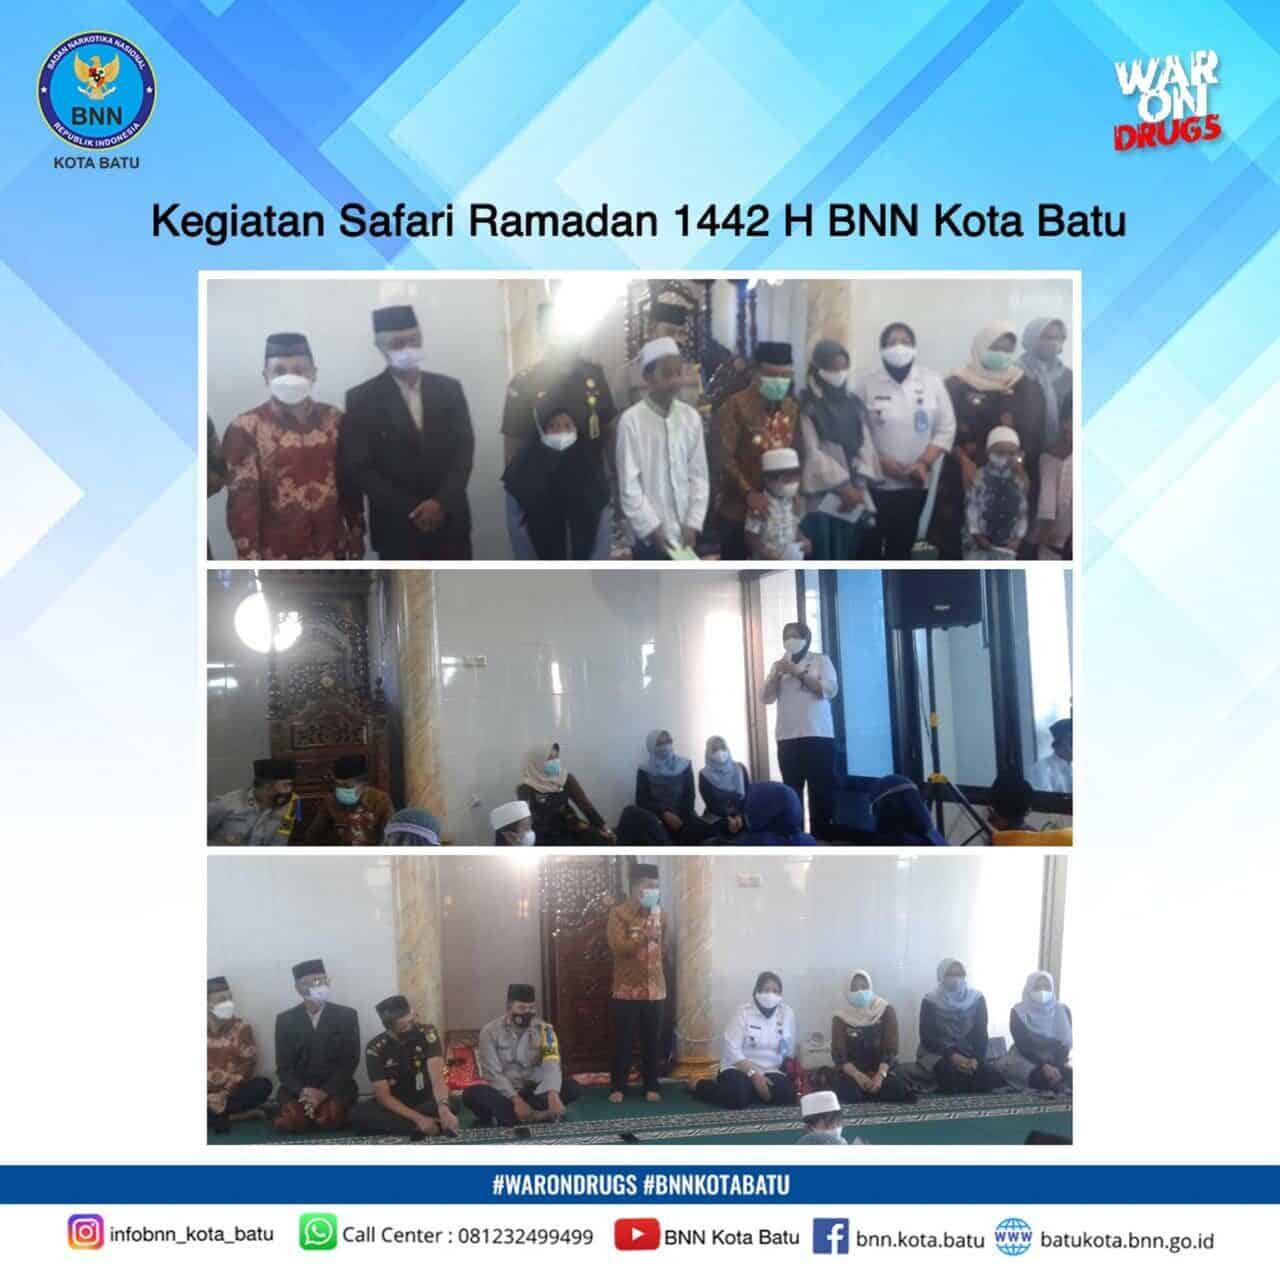 Safari Ramadan 1442 H BNN Kota Batu